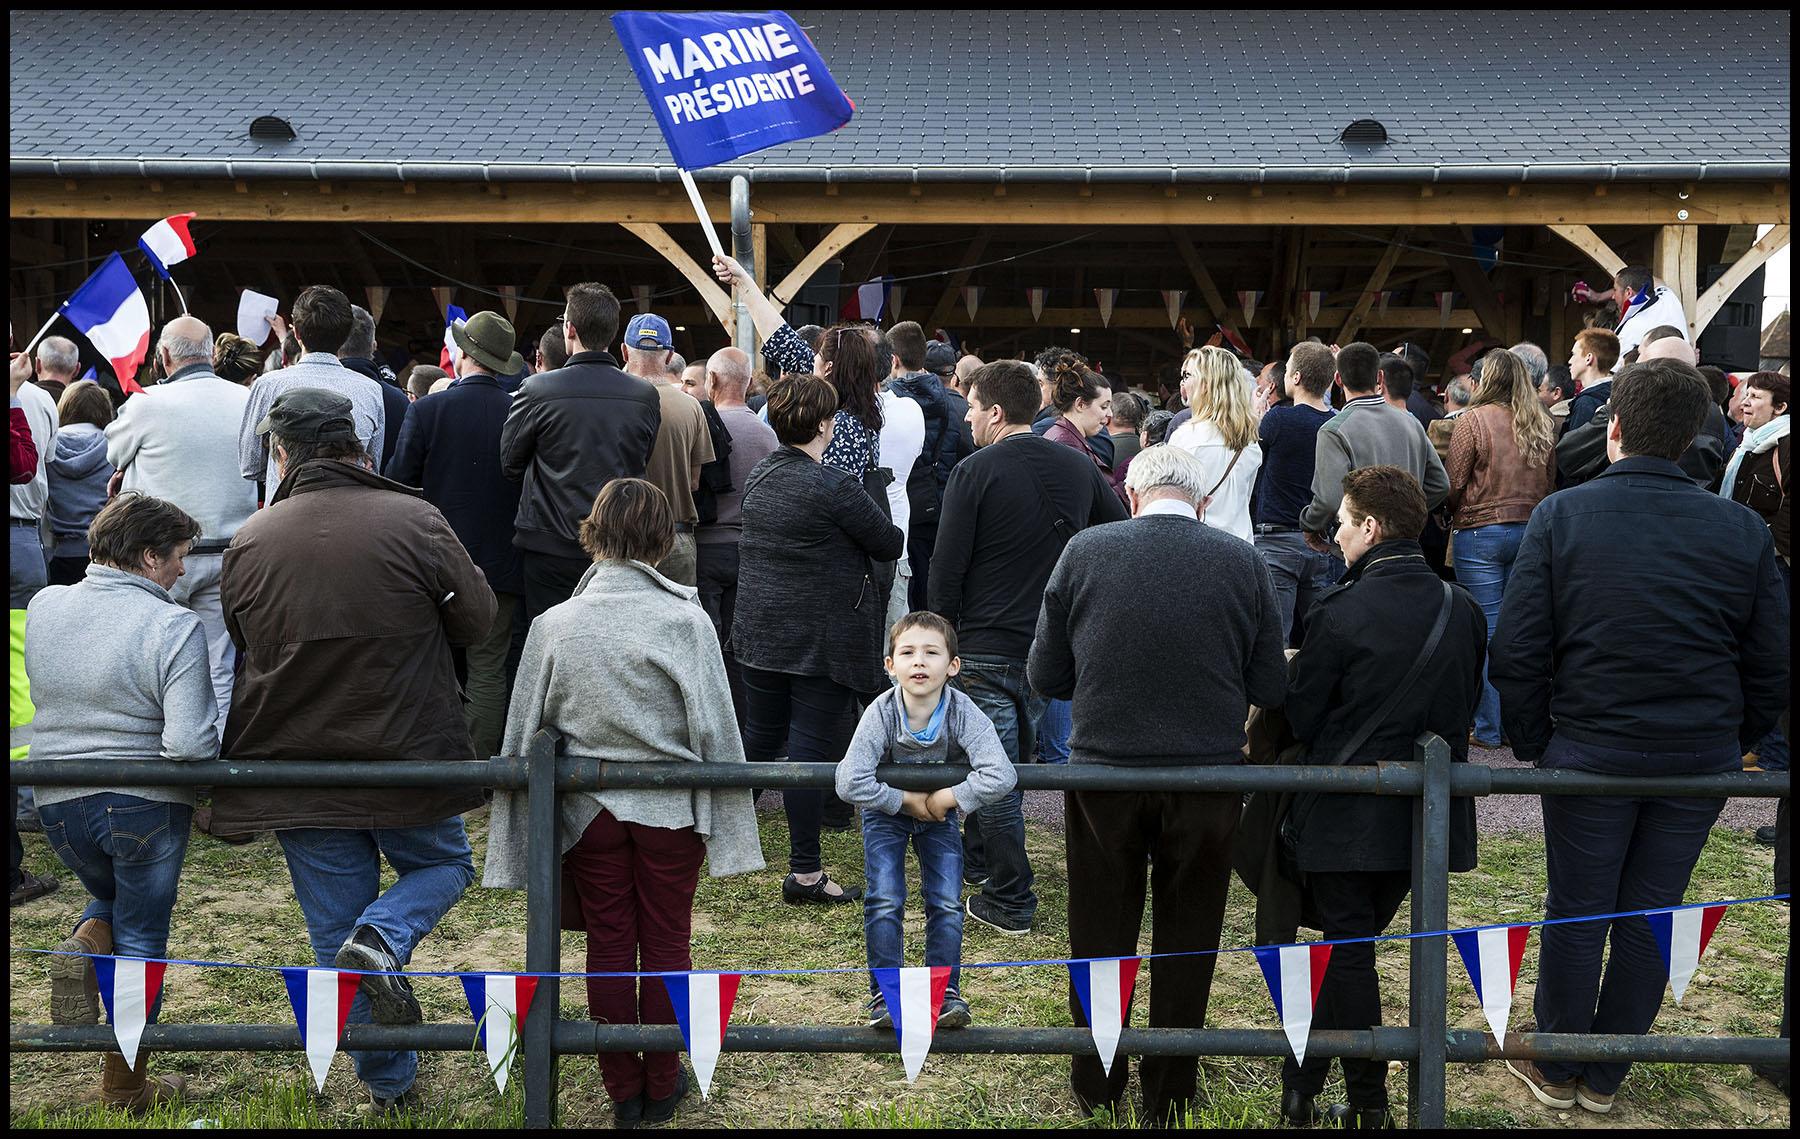 Des sympathisants du Front National pendant une réunion publique de Marine Le PEN sur le thème de la ruralité à La Bazoche-Gouet